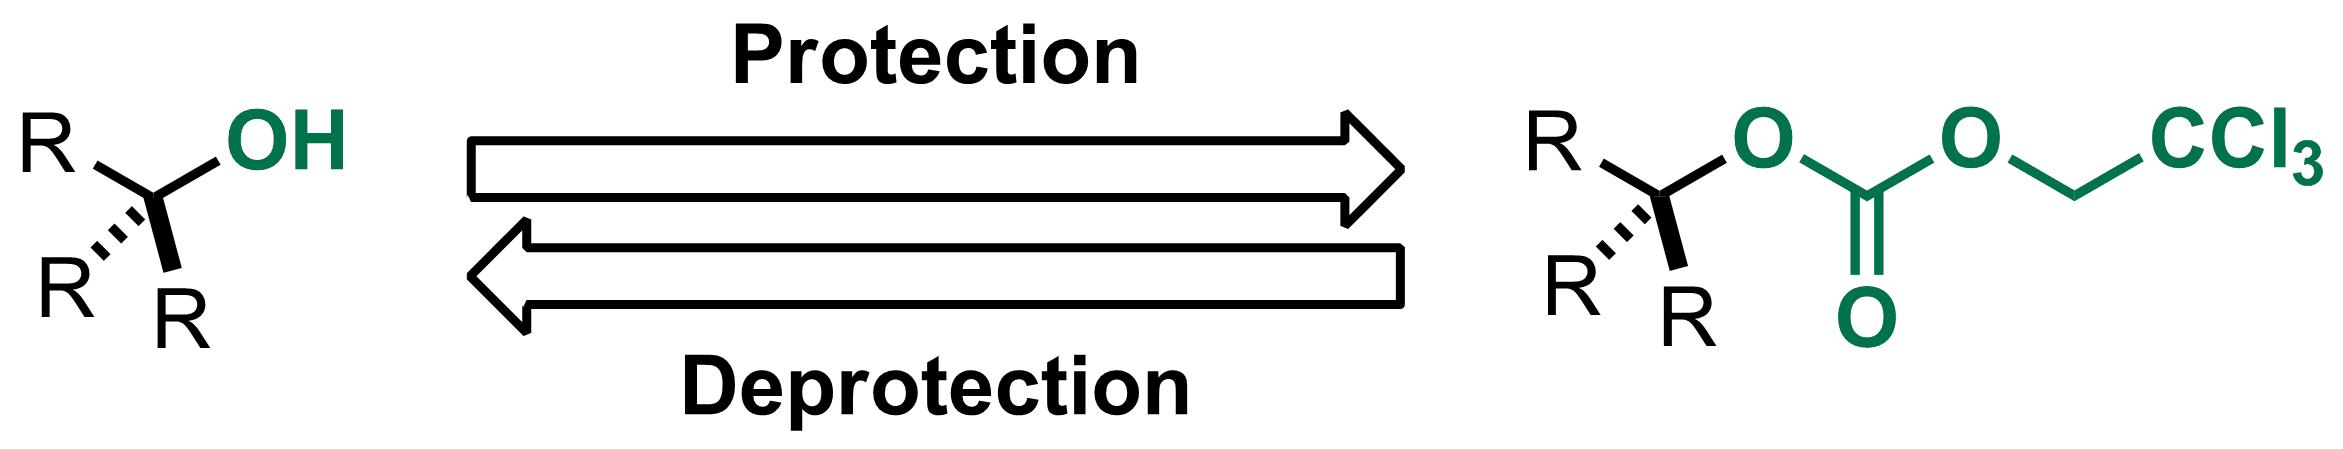 2,2,2-Trichloroethyl carbonate (Troc) scheme